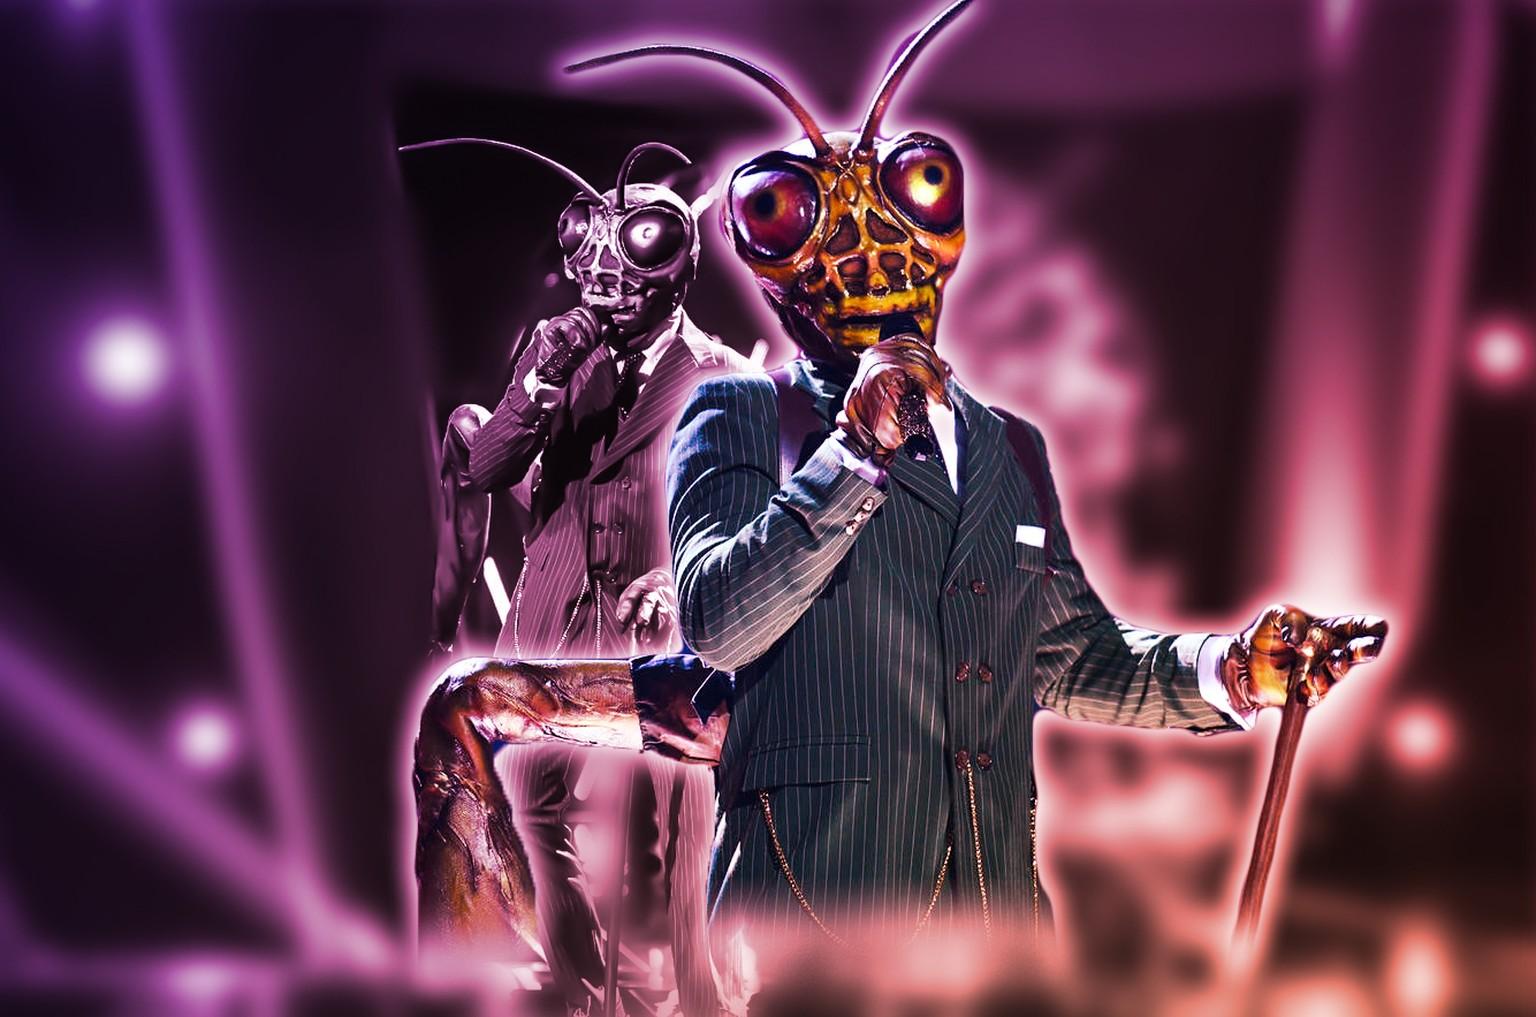 The mask singer grashüpfer